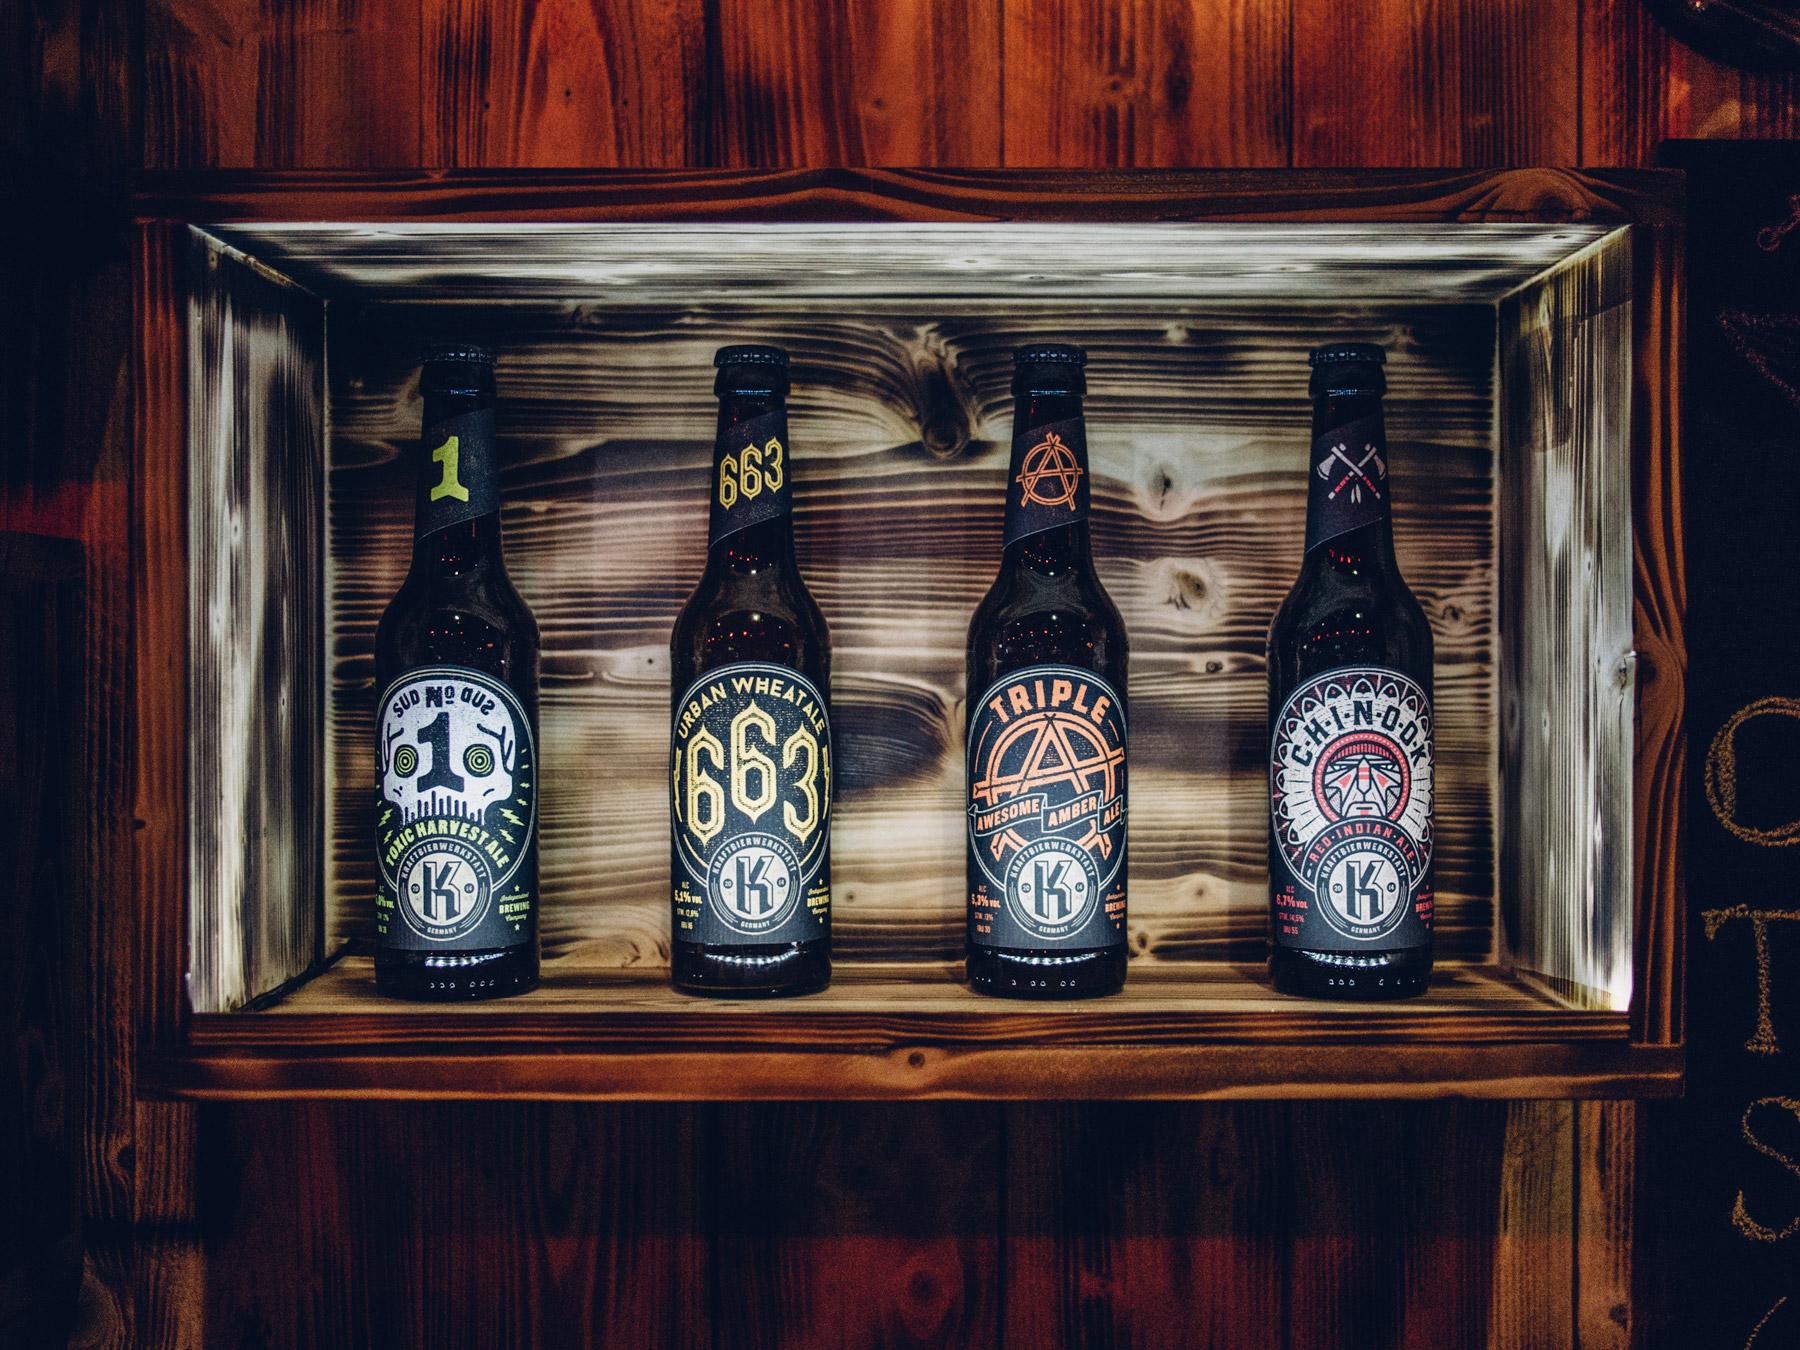 Man sieht die Flaschen aller 4 Biersorten der Craft-Bier-Brauerei